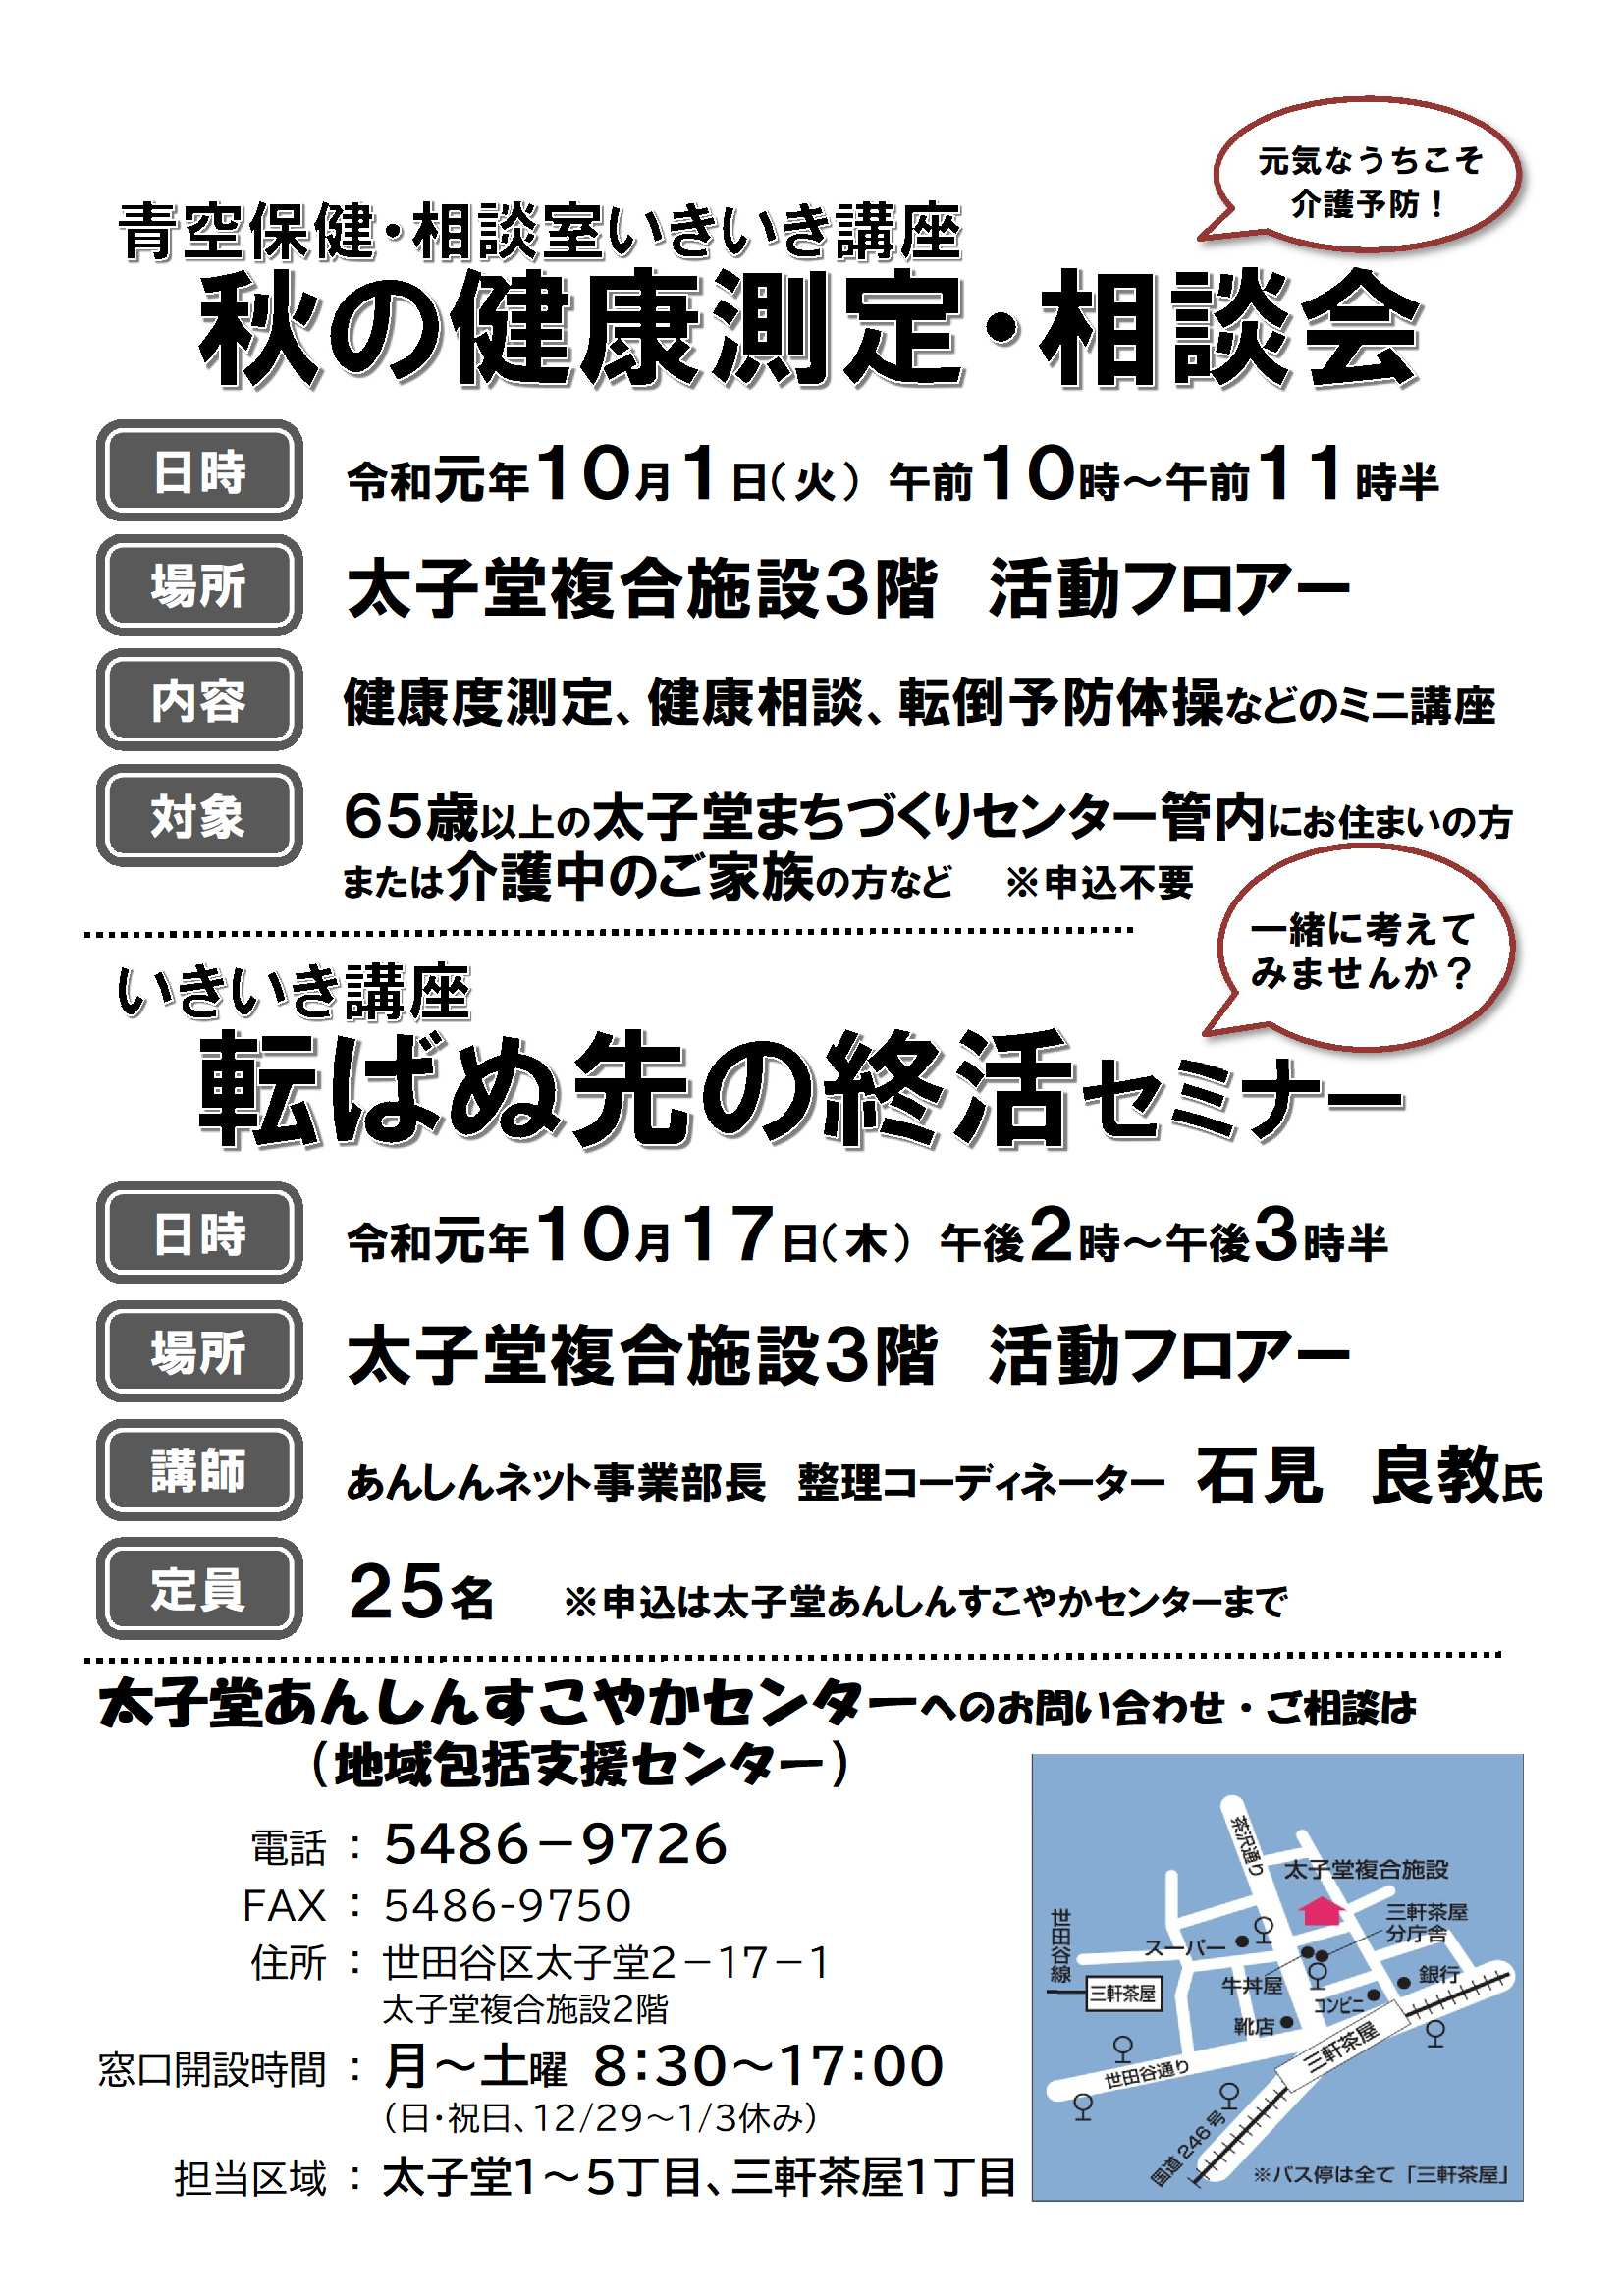 22(H31.9月号)太子堂あんすこ広報紙-2.jpg